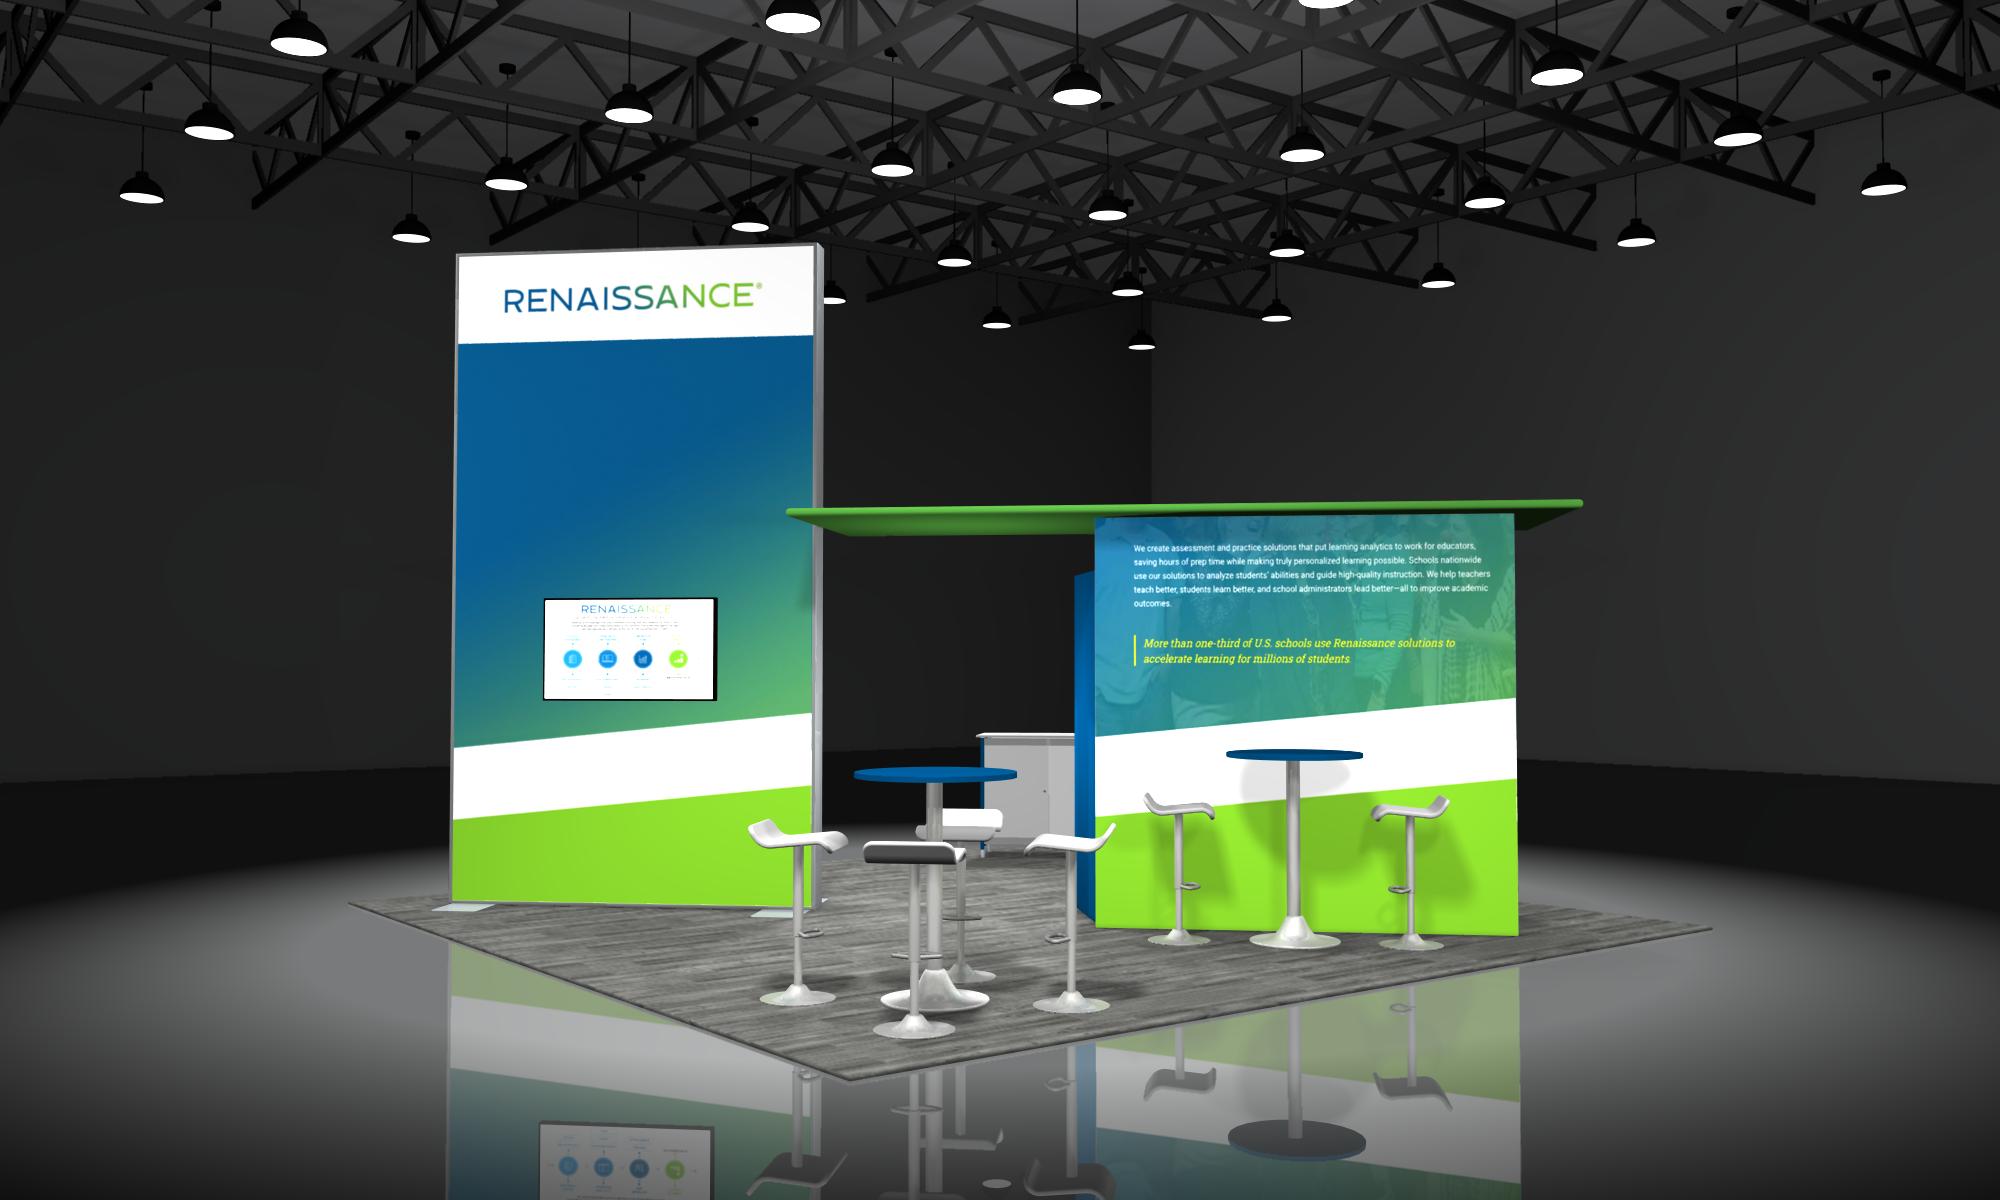 20x20 modular trade show displays